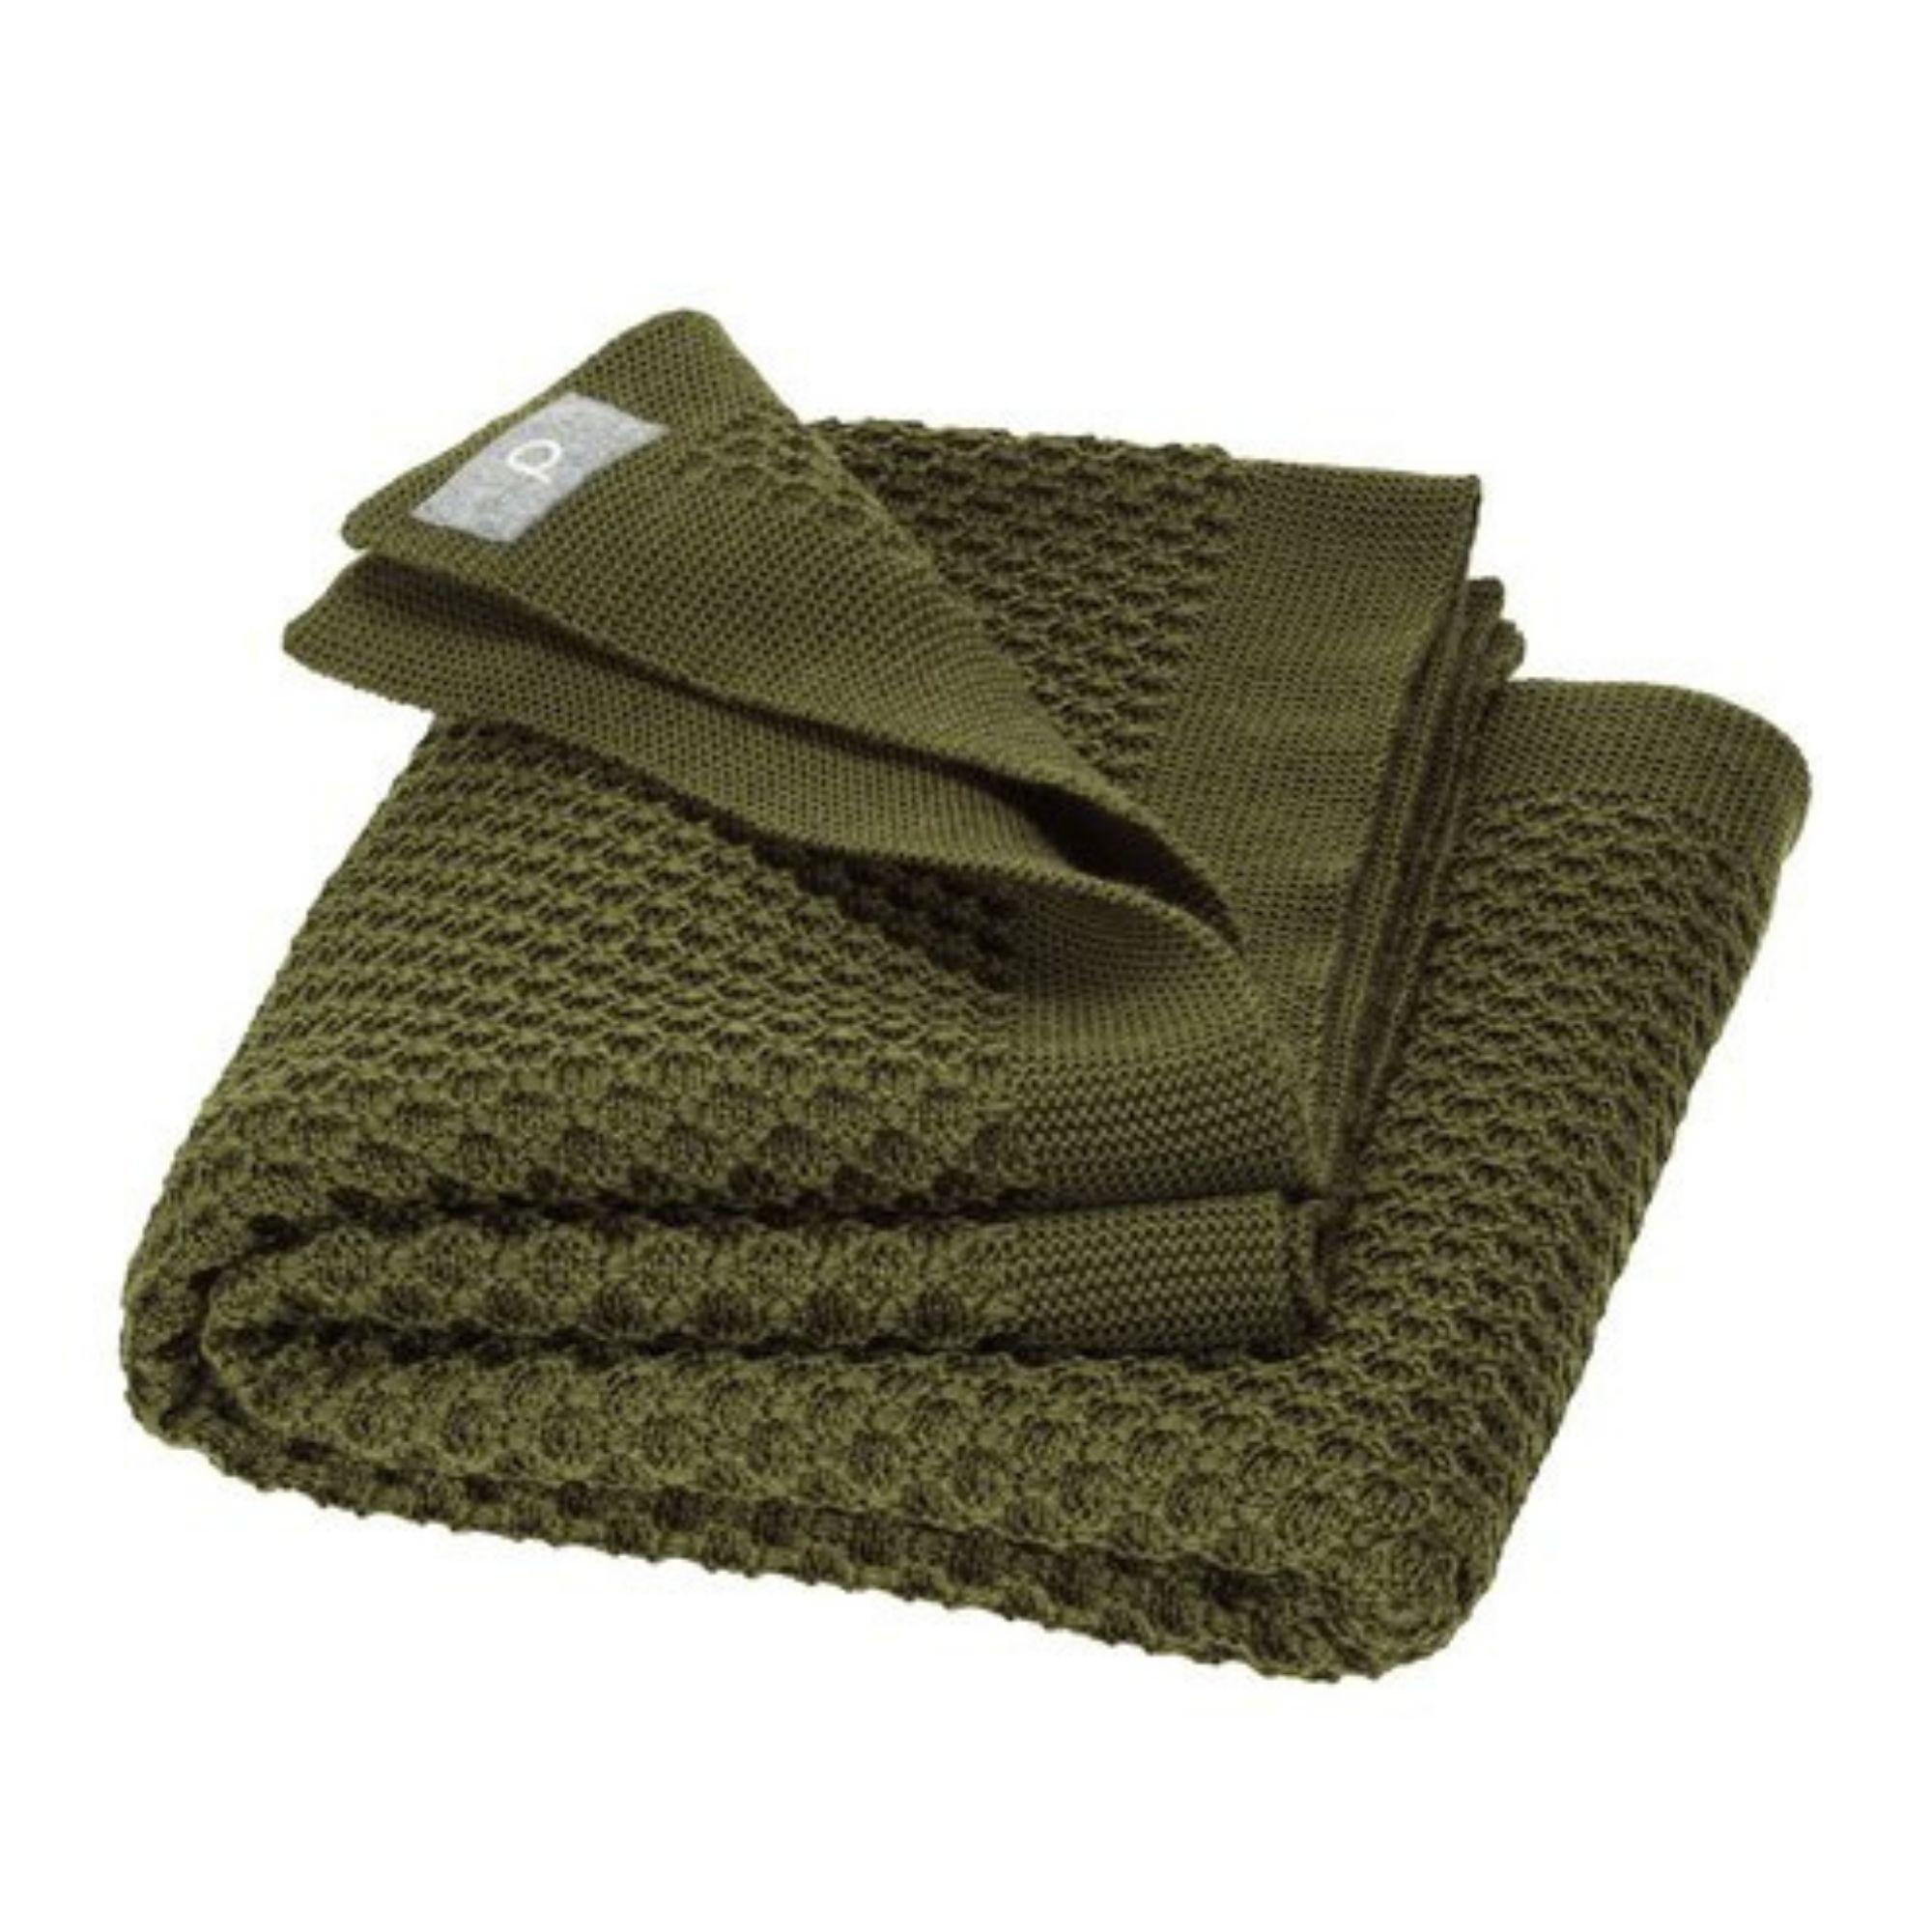 couverture-bebe-enfant-pure-laine-merinos-bio-tricotee-disana-maison-de-mamoulia-honeycomb-nid-abeille-vert-olive